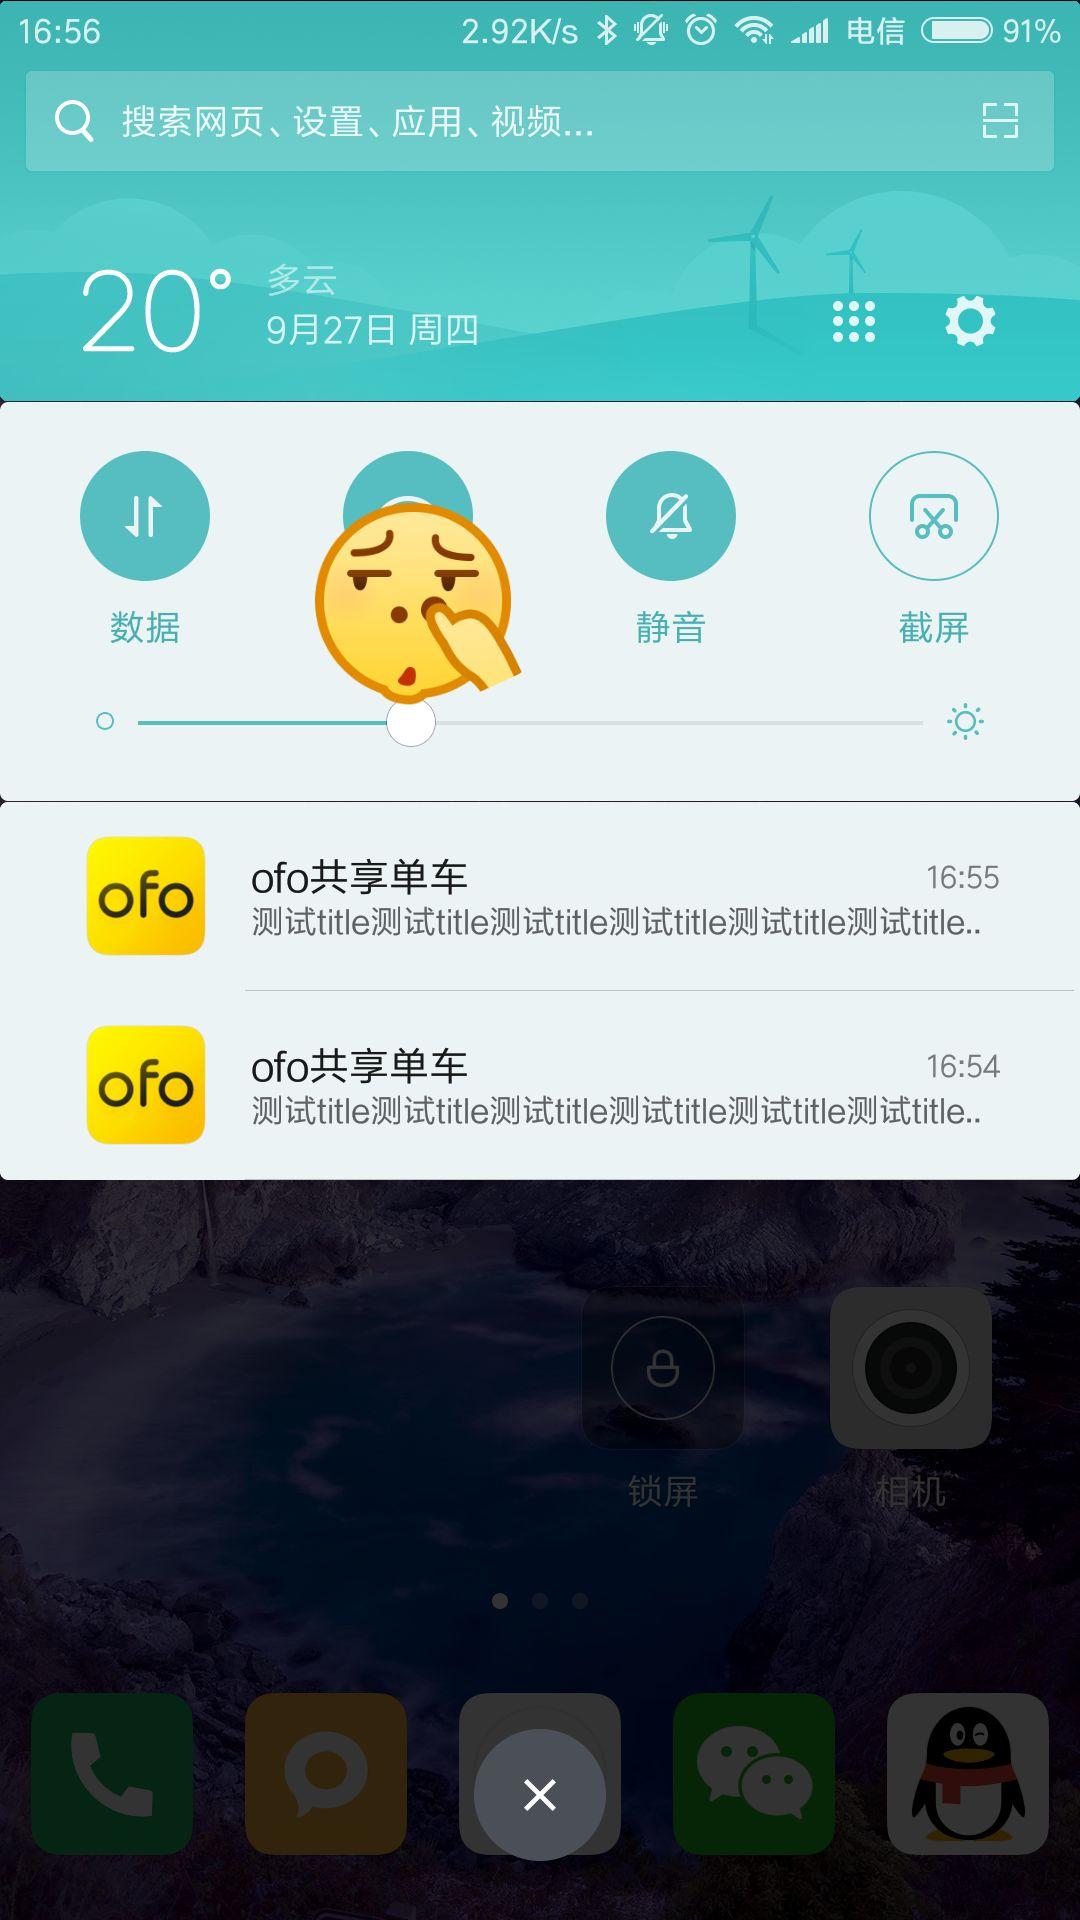 qq_pic_merged_1538038804575.jpg